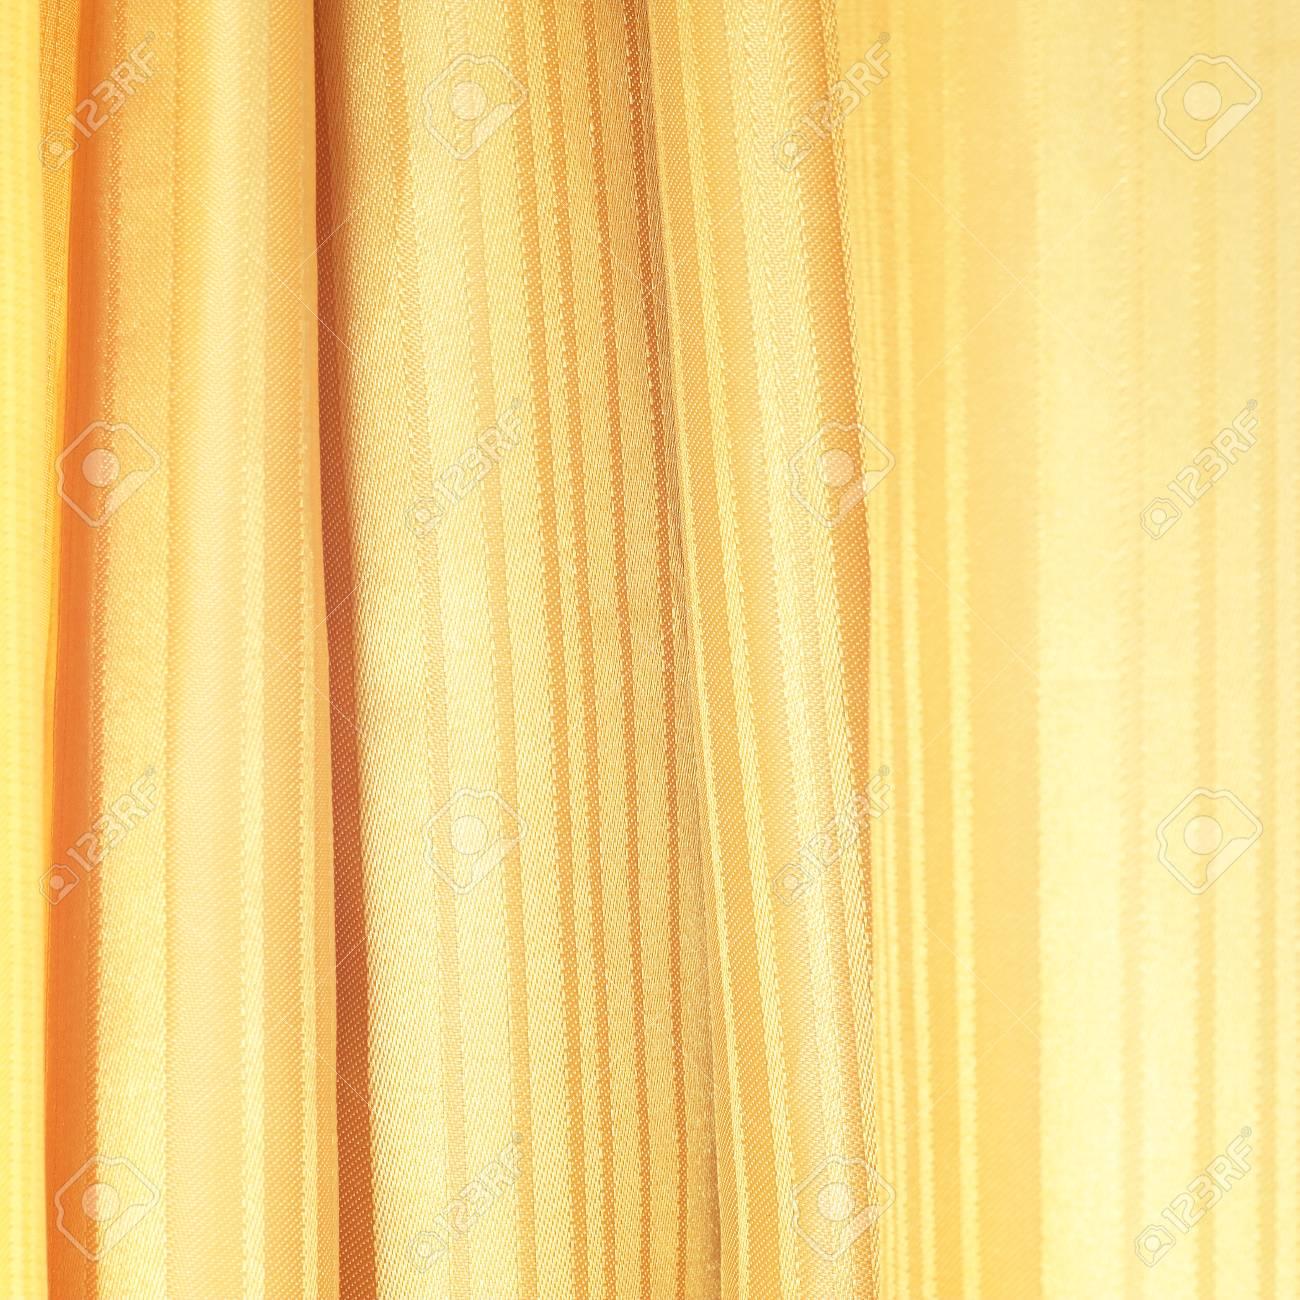 texture de soie pour le fond, la couleur brun doré. banque d'images